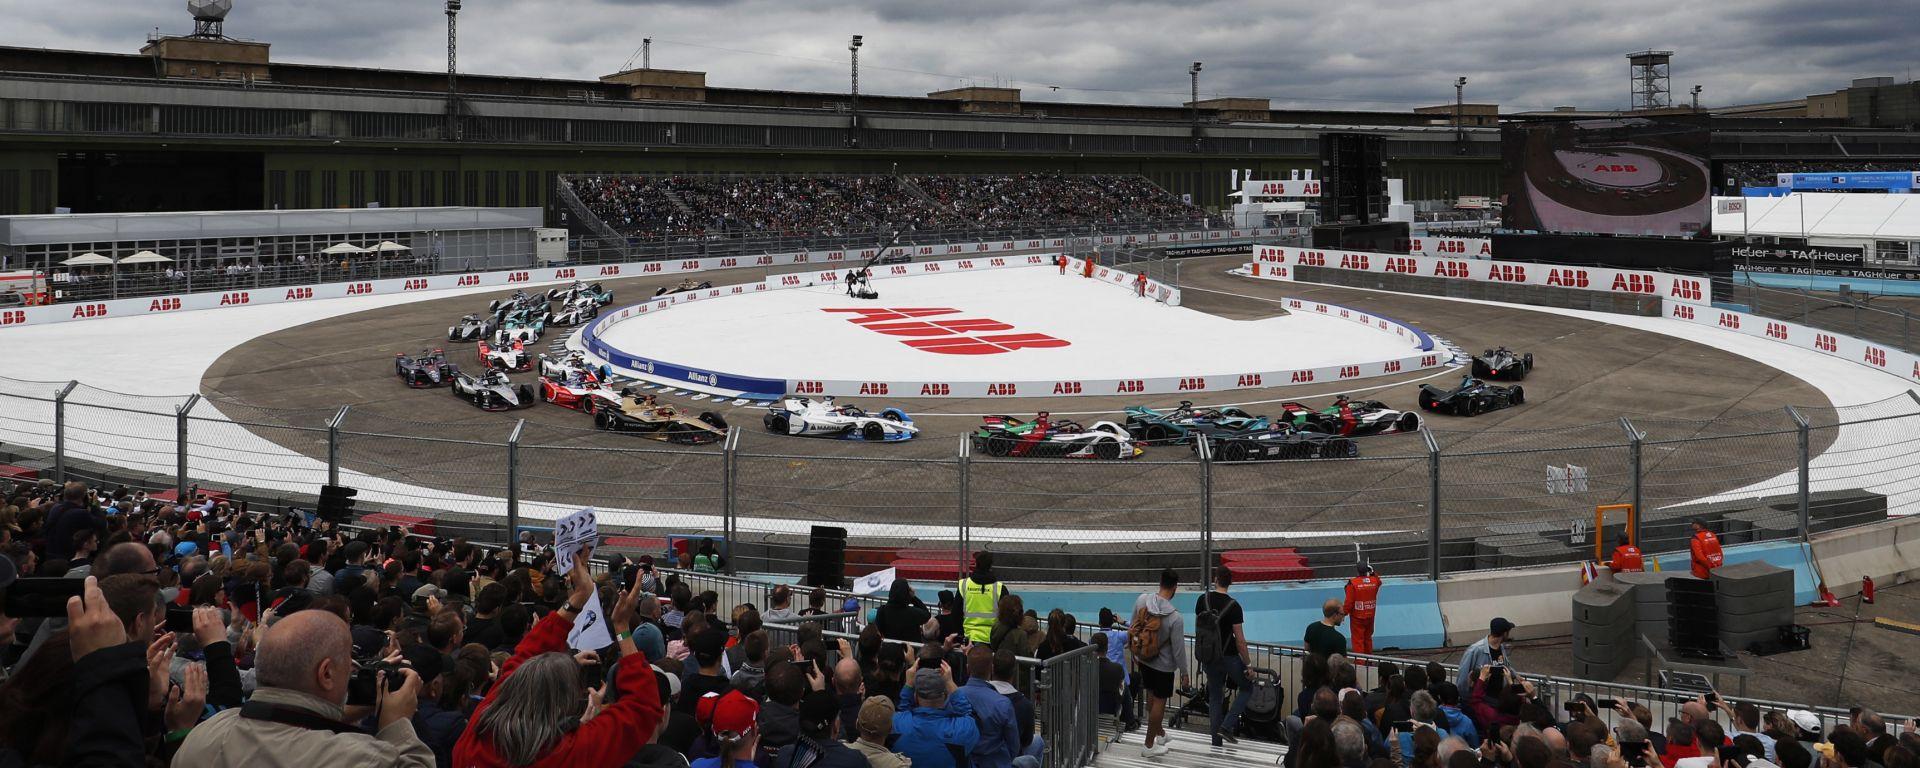 Calendario Formula E 2020 2020.Fia Ecco Novita Calendario E Regolamenti Formula E 2019